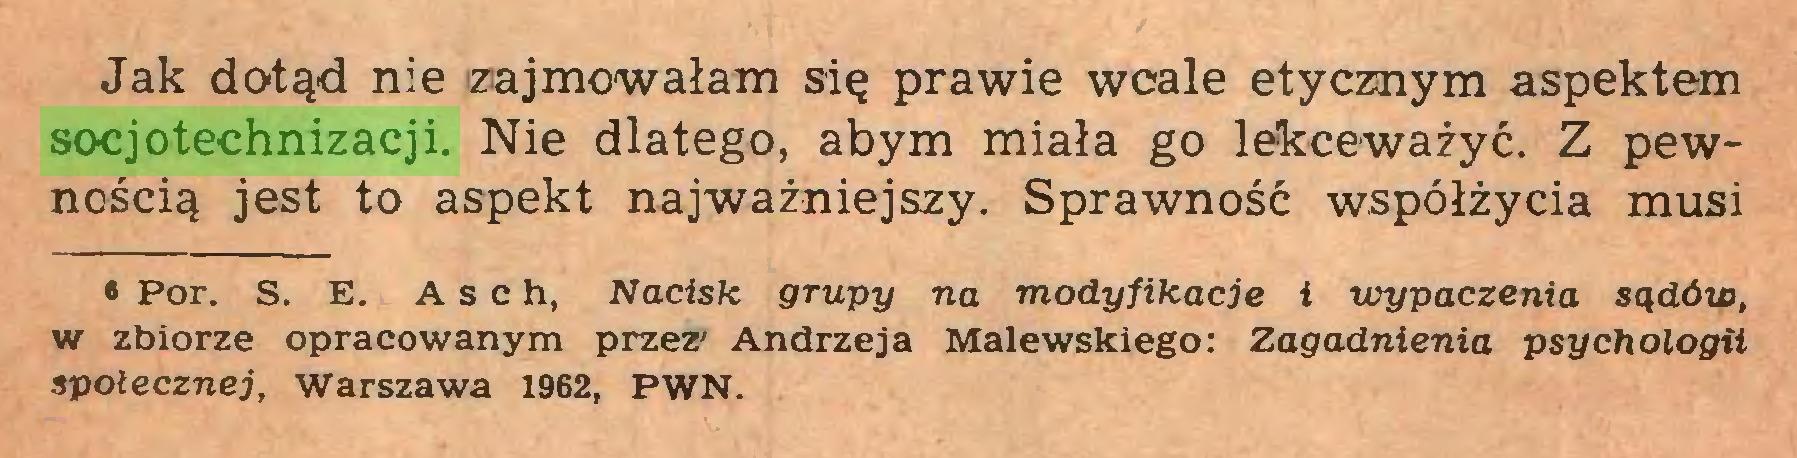 (...) Jak dofąd nie zajmowałam się prawie wcale etycznym aspektem socjotechnizacji. Nie dlatego, abym miała go lekceważyć. Z pewnością jest to aspekt najważniejszy. Sprawność współżycia musi • Por. S. E. A s c h, Nacisk grupy na modyfikacje i wypaczenia sądów, w zbiorze opracowanym przez' Andrzeja Malewskiego: Zagadnienia psychologii społecznej, Warszawa 1962, PWN...